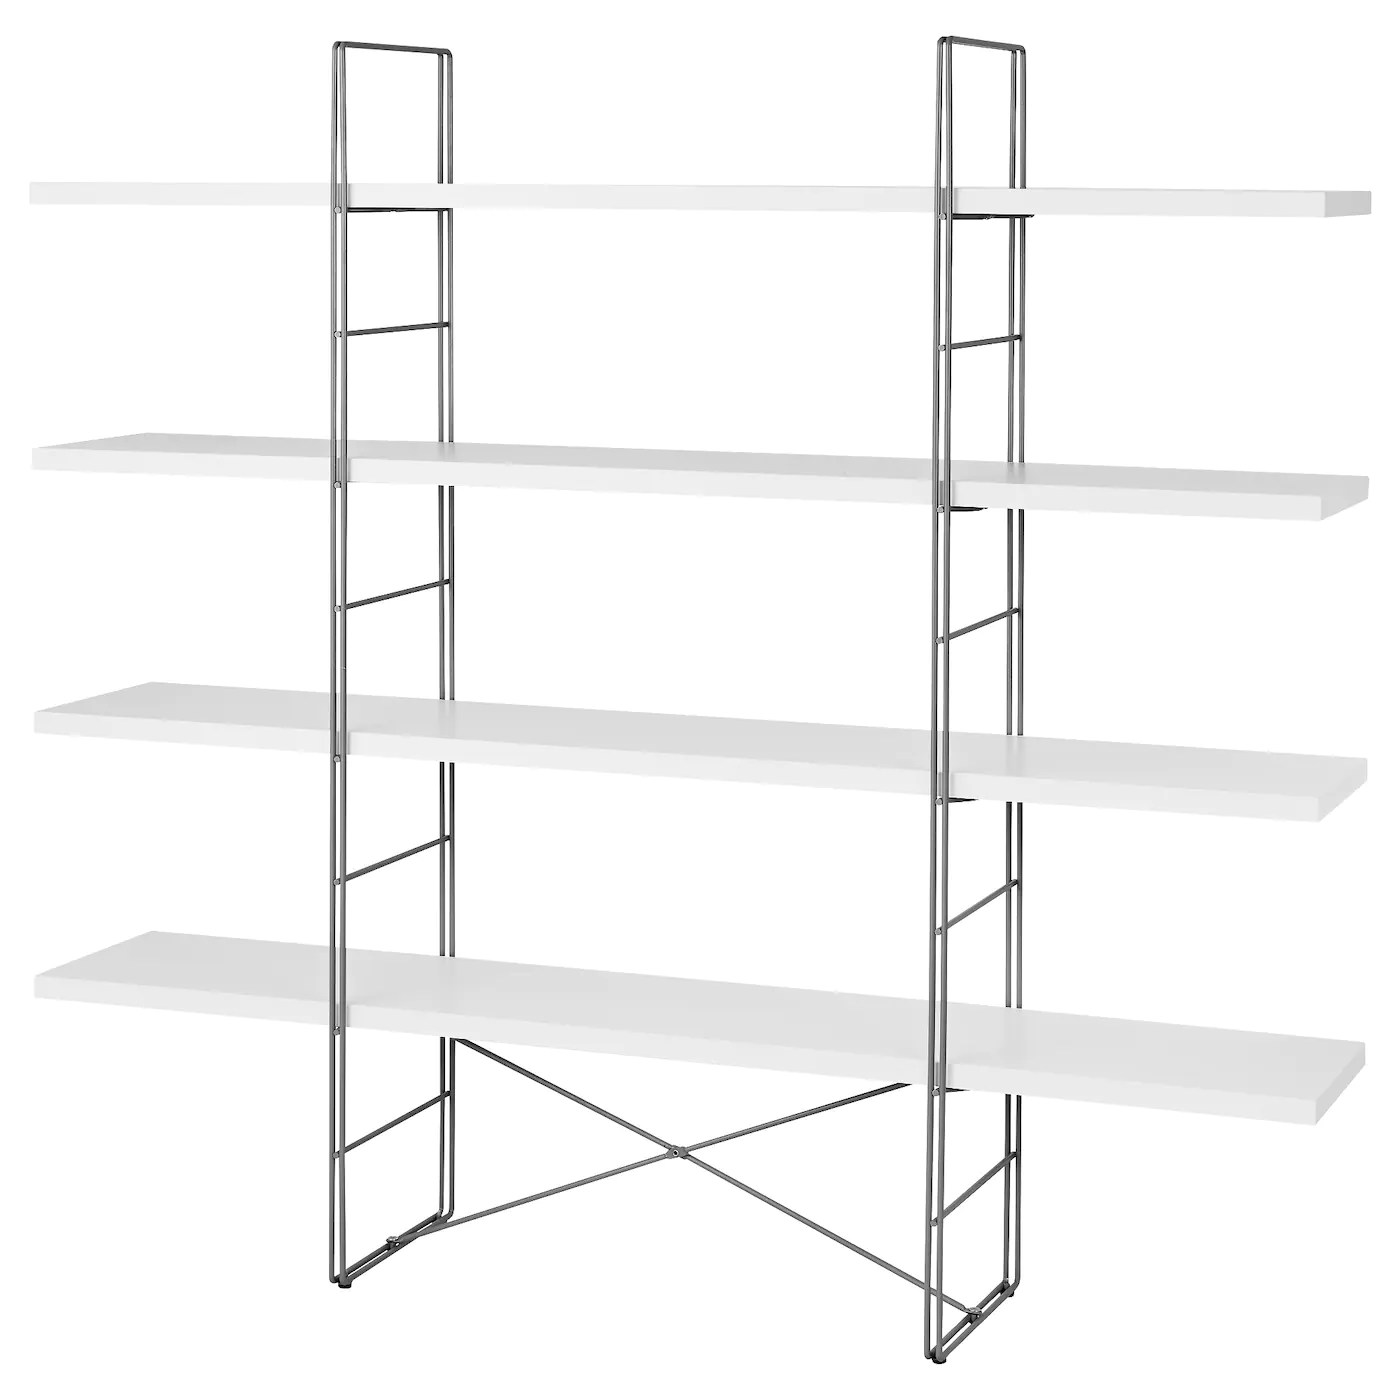 Metalen Stellingkast Ikea.Ikea Metalen Rek Ikea Kast Metaal 222717 Ikea Ps Kast Rood Ikea